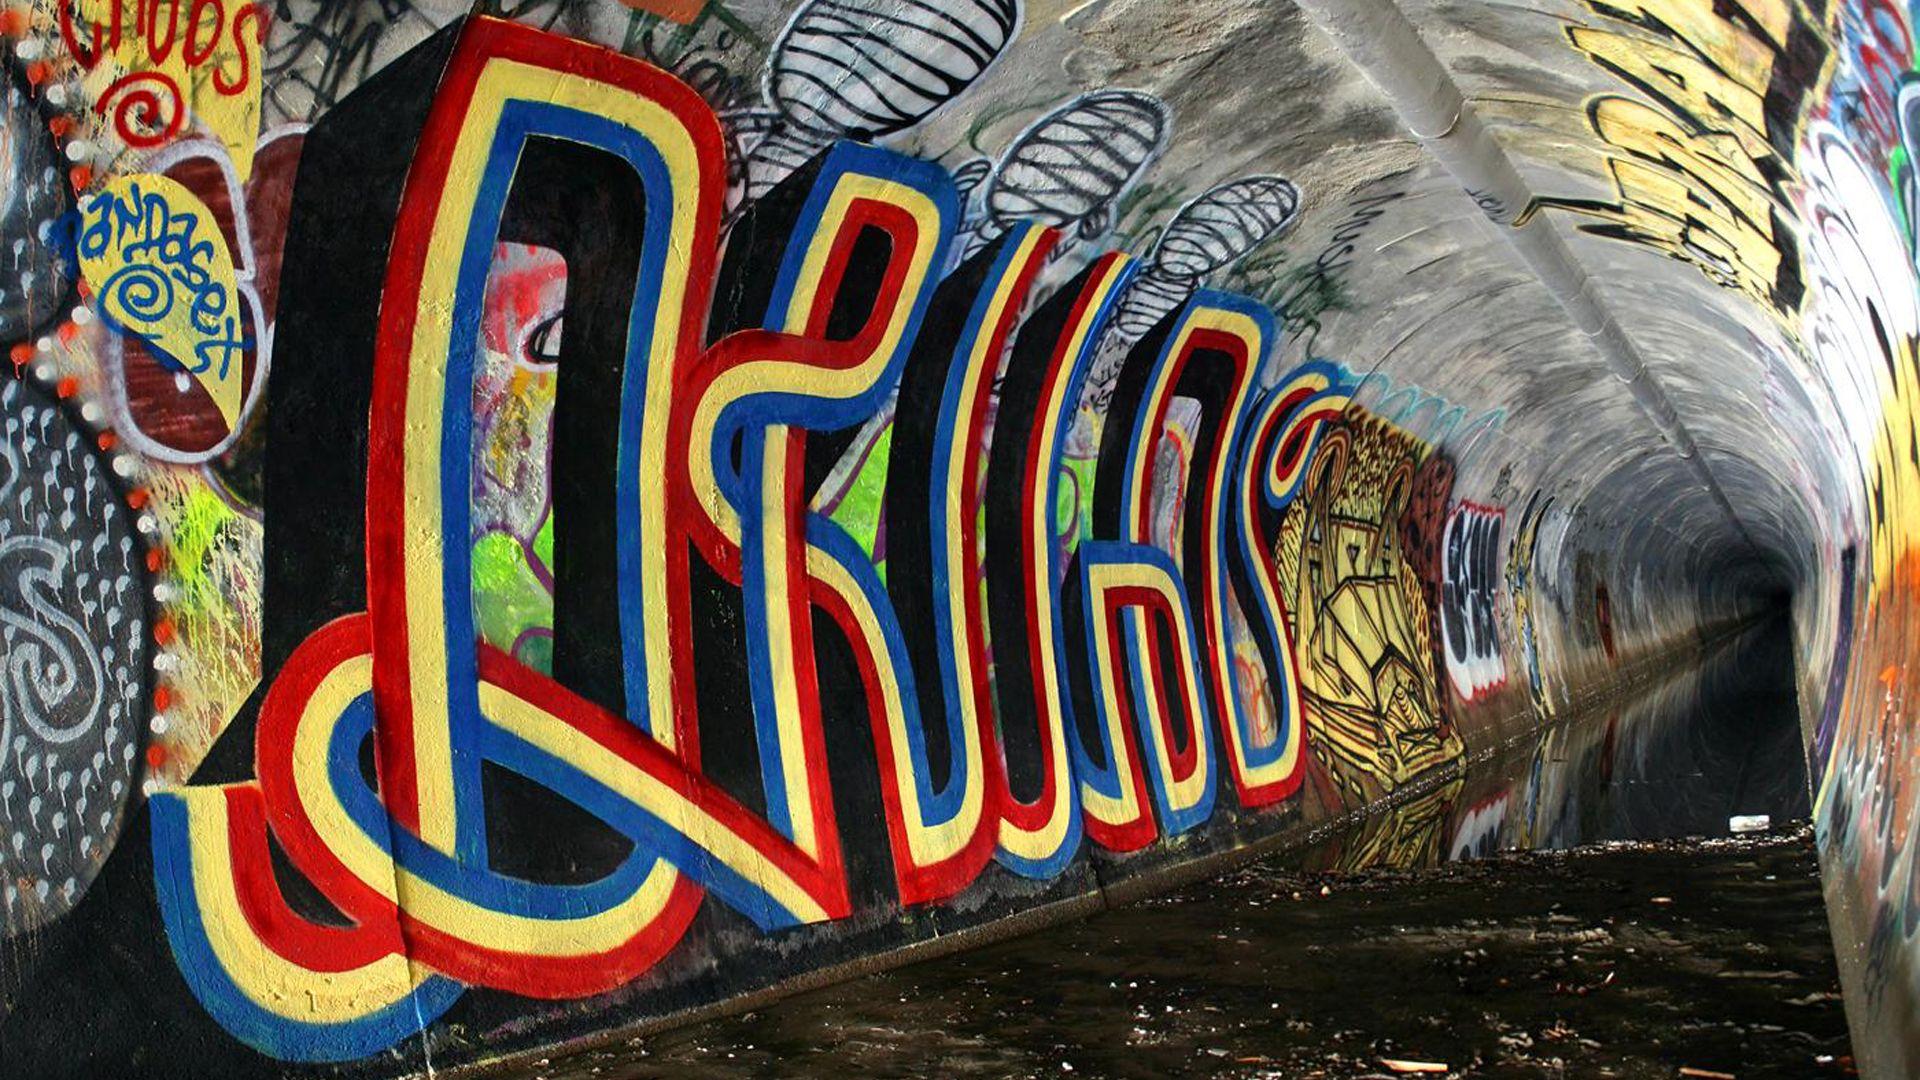 Graffiti hd wallpaper 1920x1080